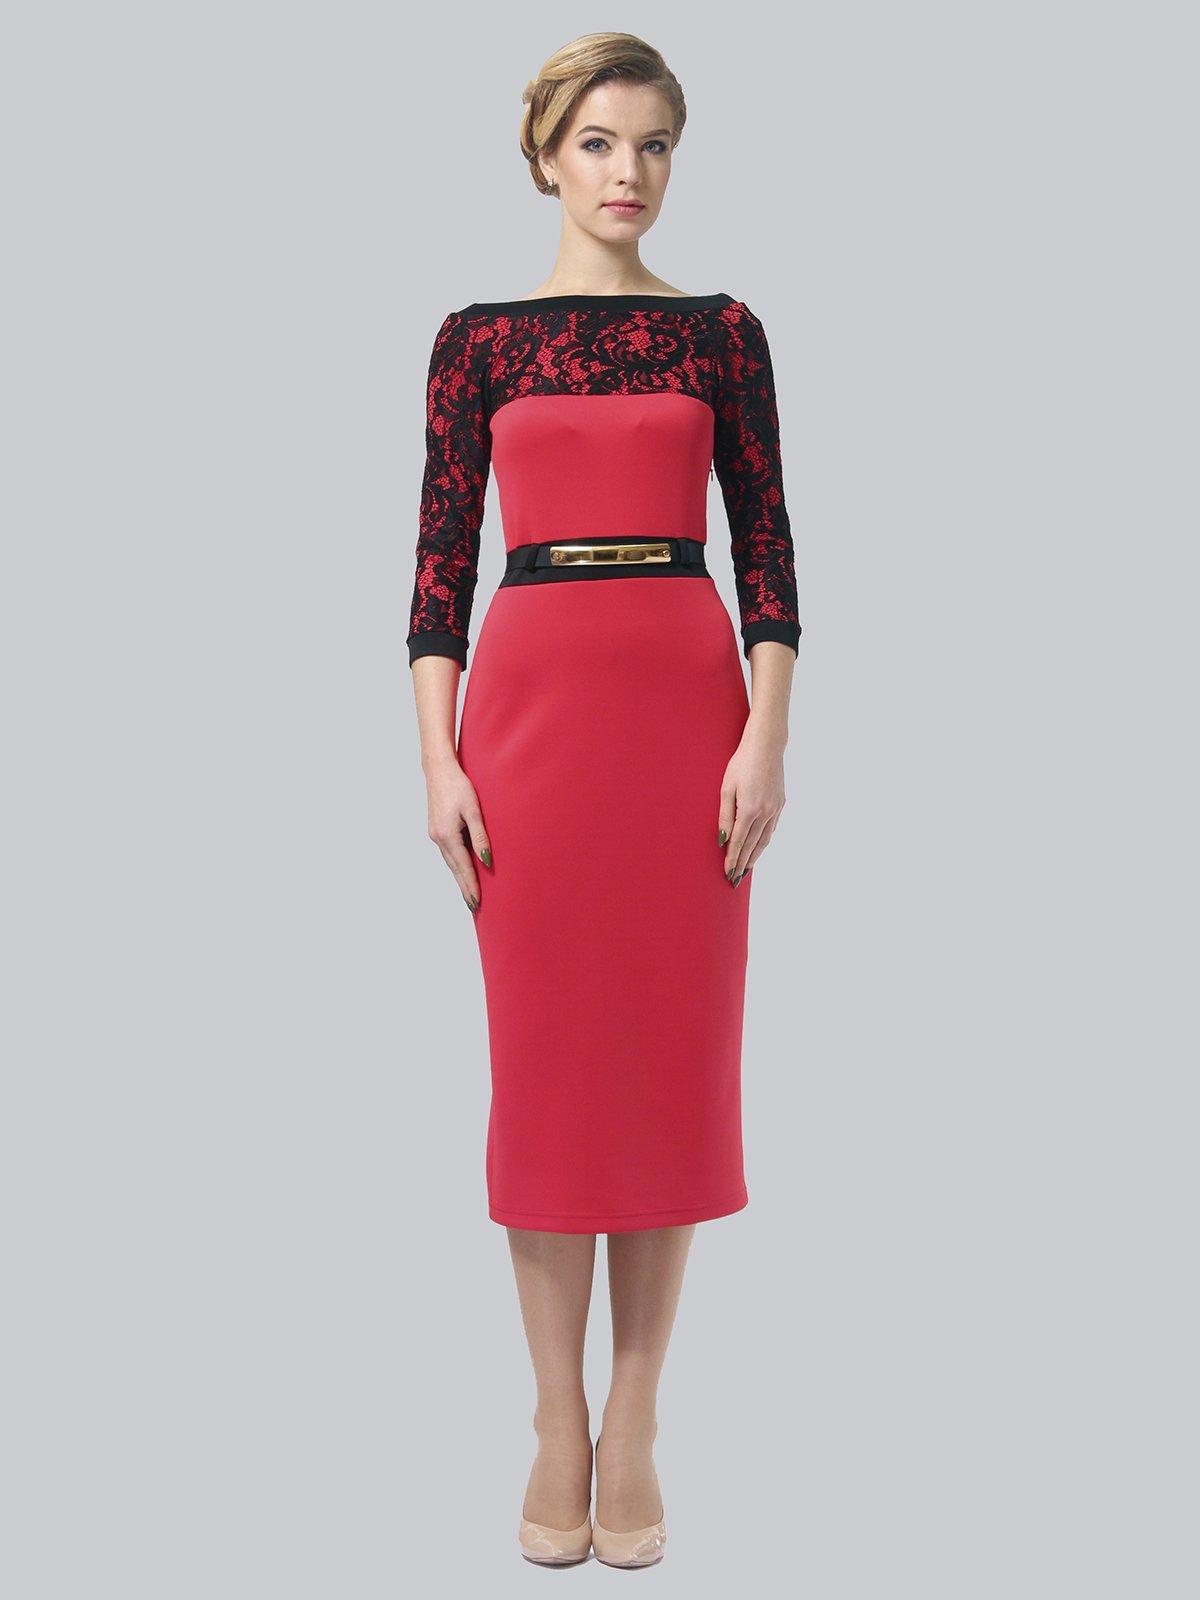 Платье коралловое   3851933   фото 2